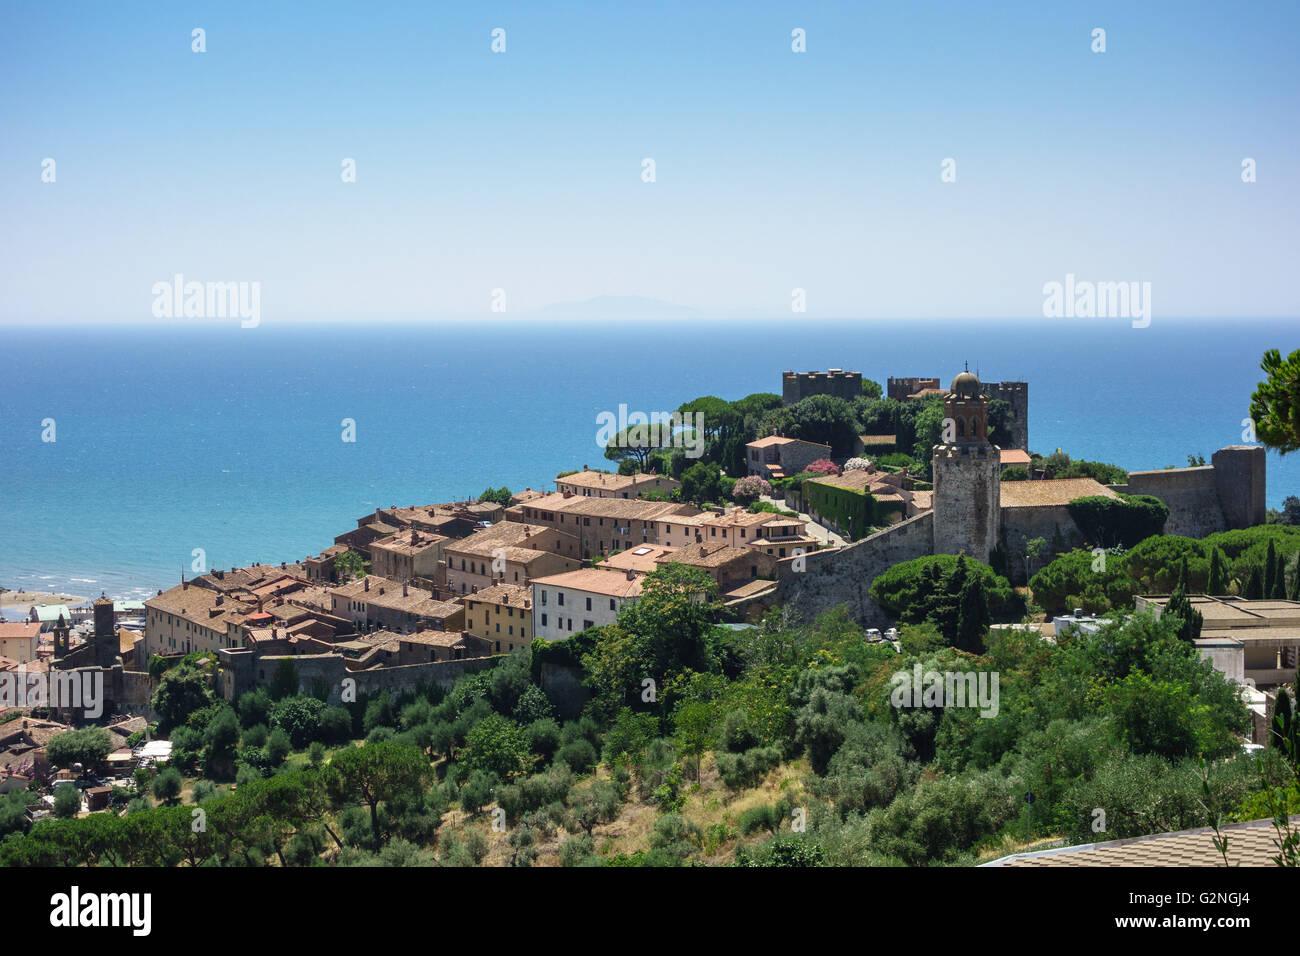 View of the Castello and Borgo Medievale in the seaside town of Castiglione della Pescaia in Tuscany Stock Photo